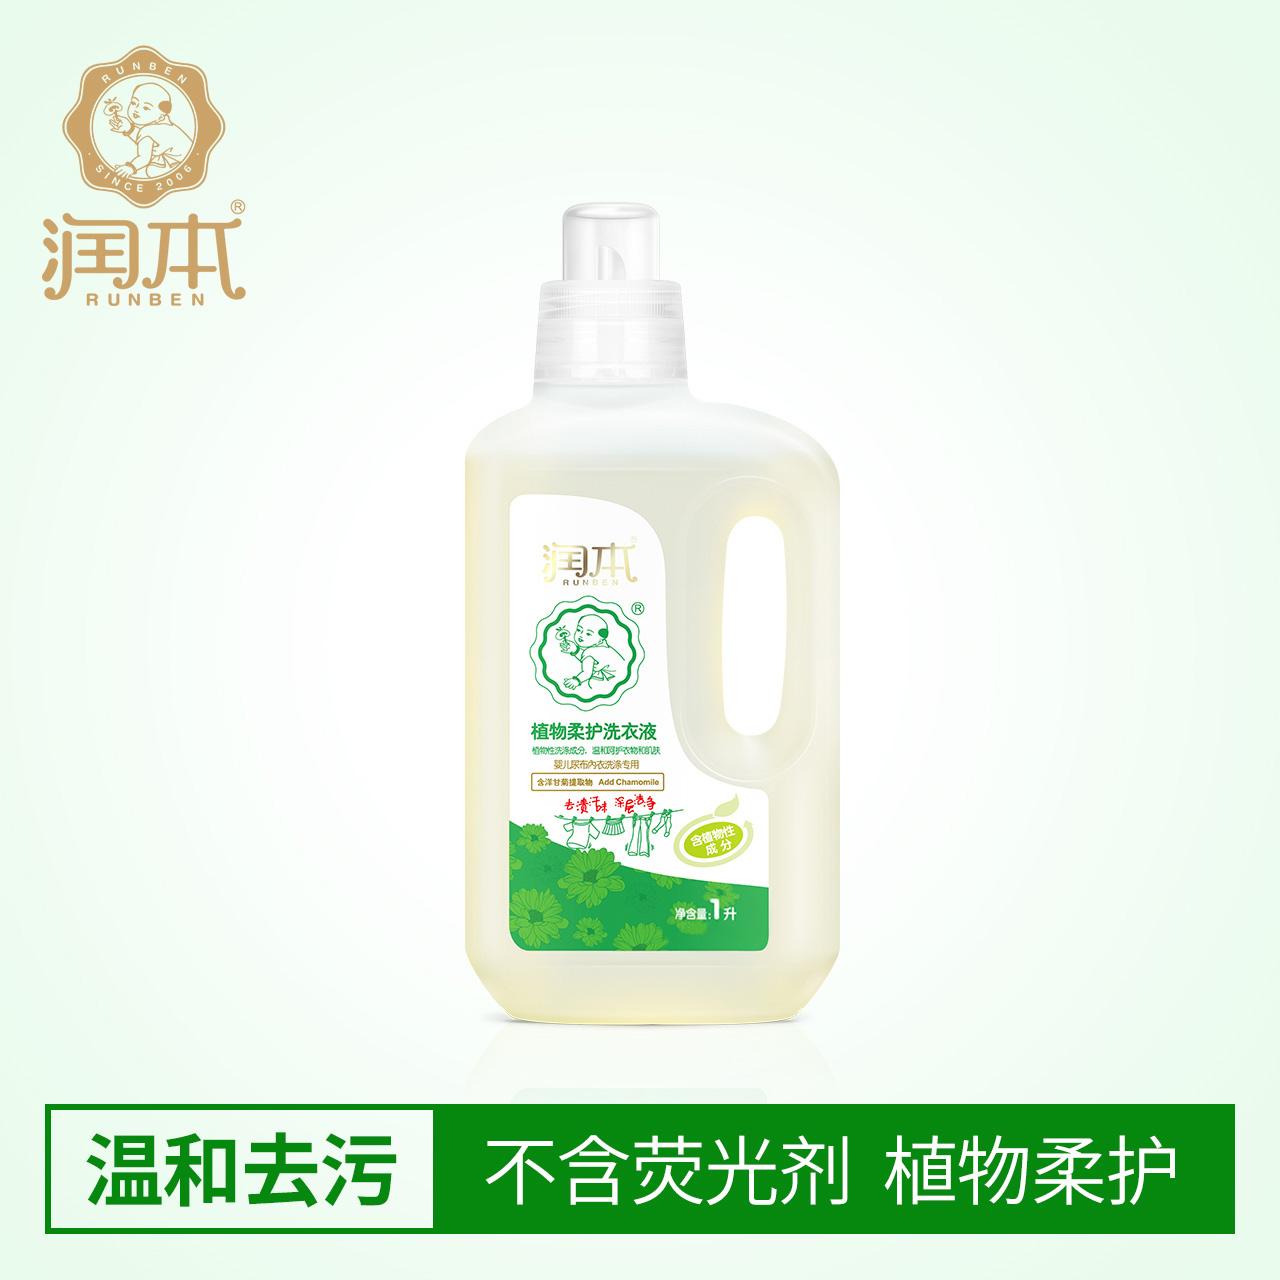 润本婴儿洗衣液洗衣剂 宝宝衣物清洁剂 儿童衣物清洗适用 1升